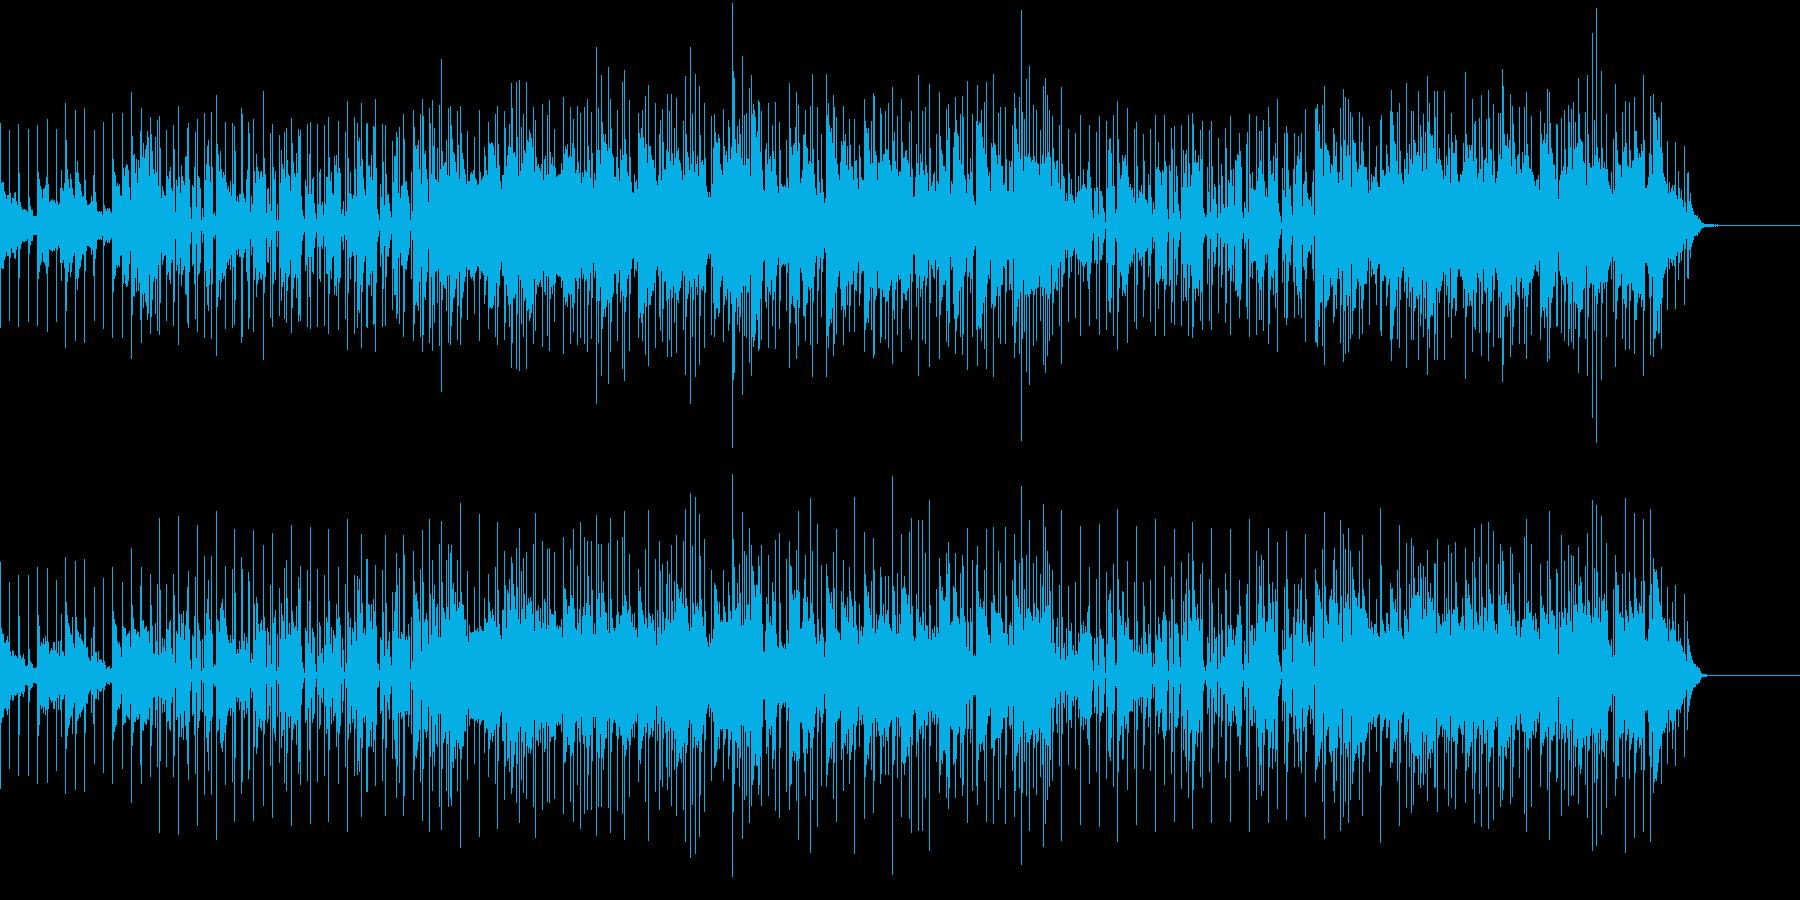 Mid Tempo 明るいの再生済みの波形